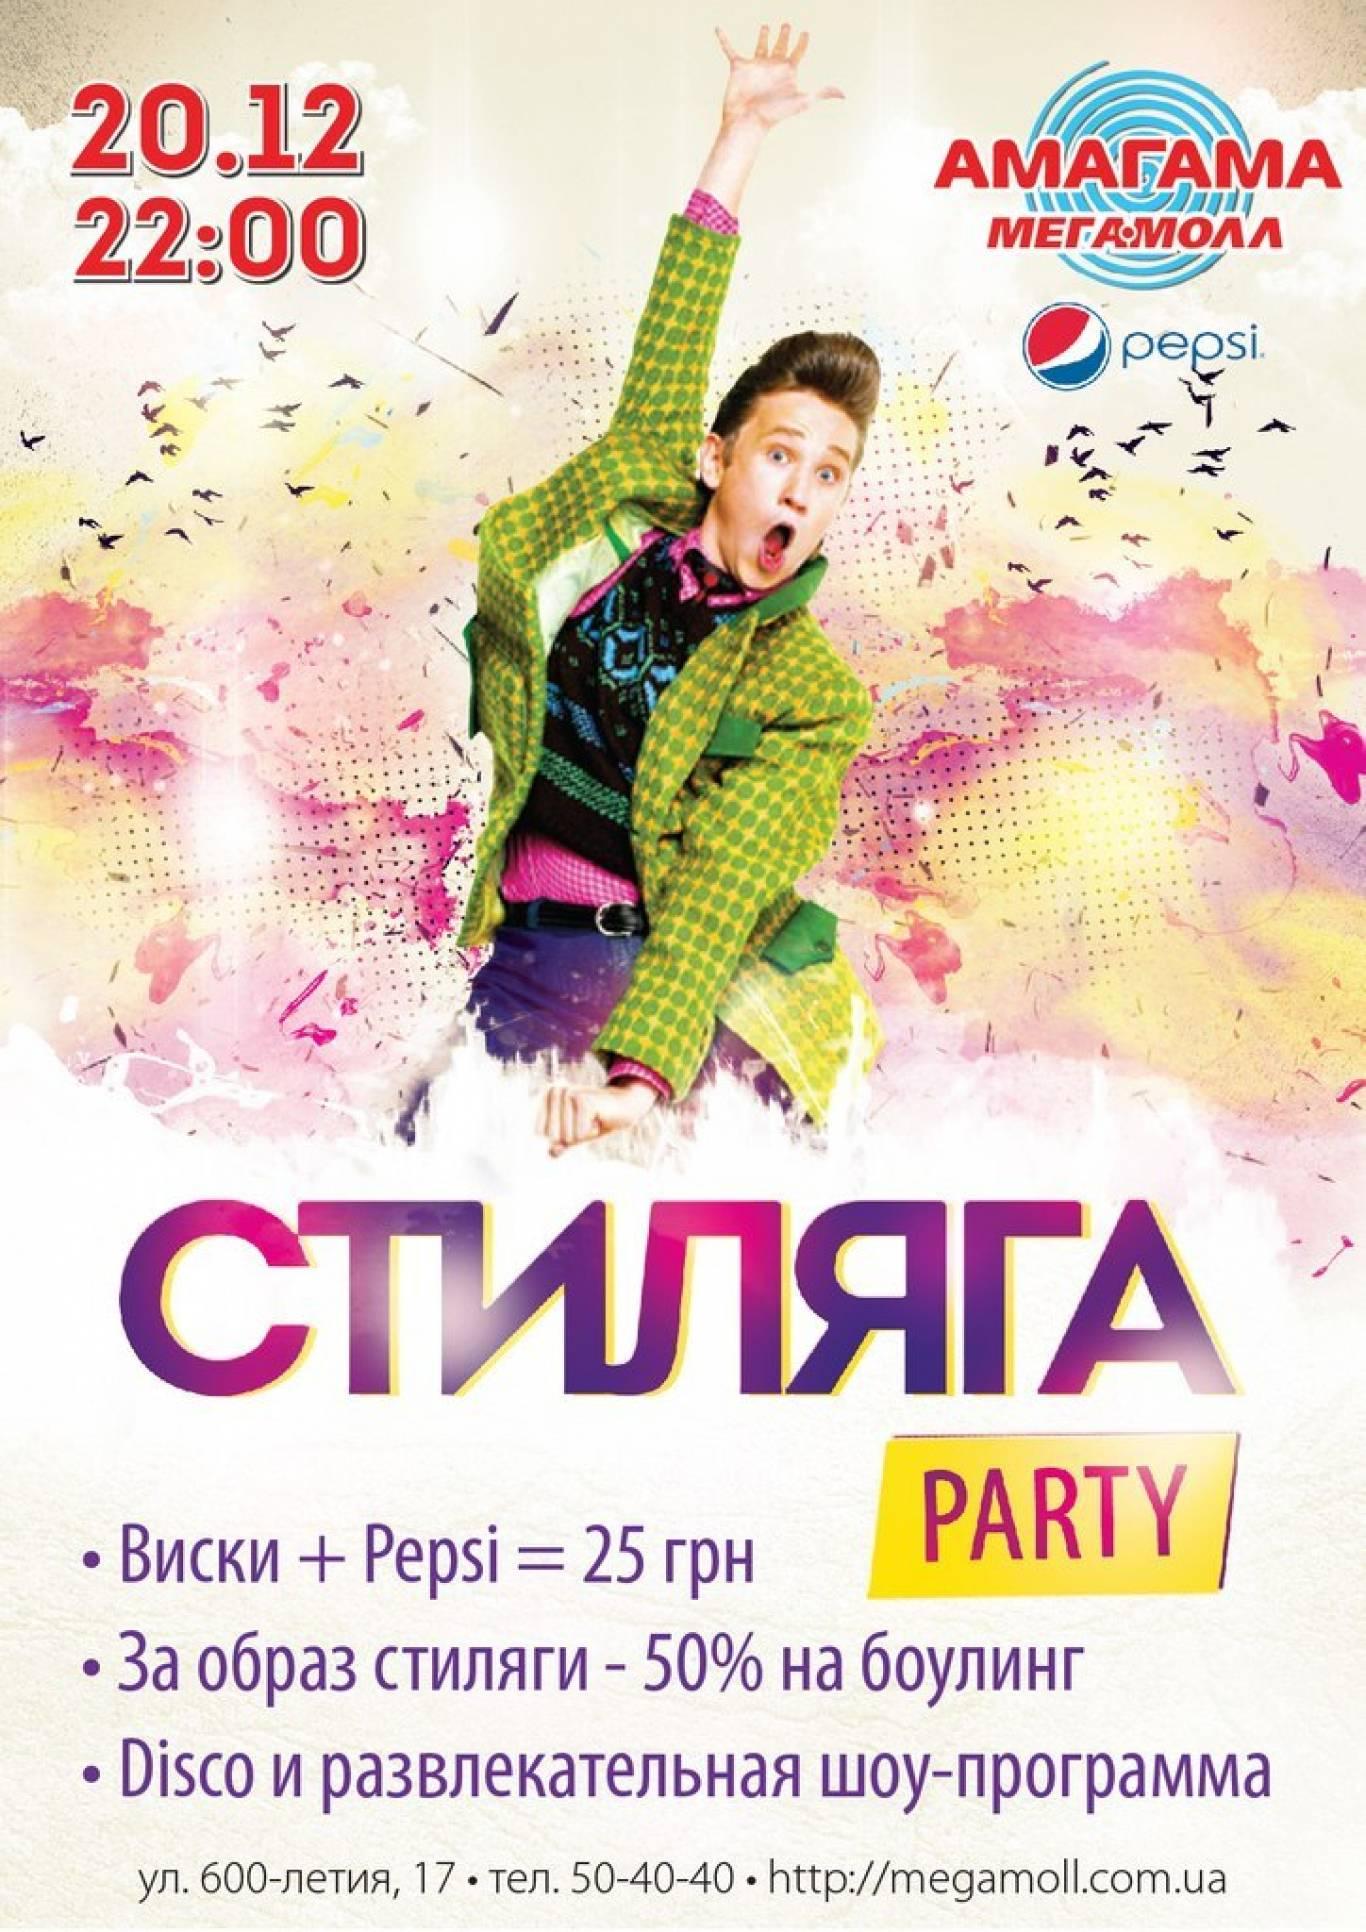 Стиляга Party